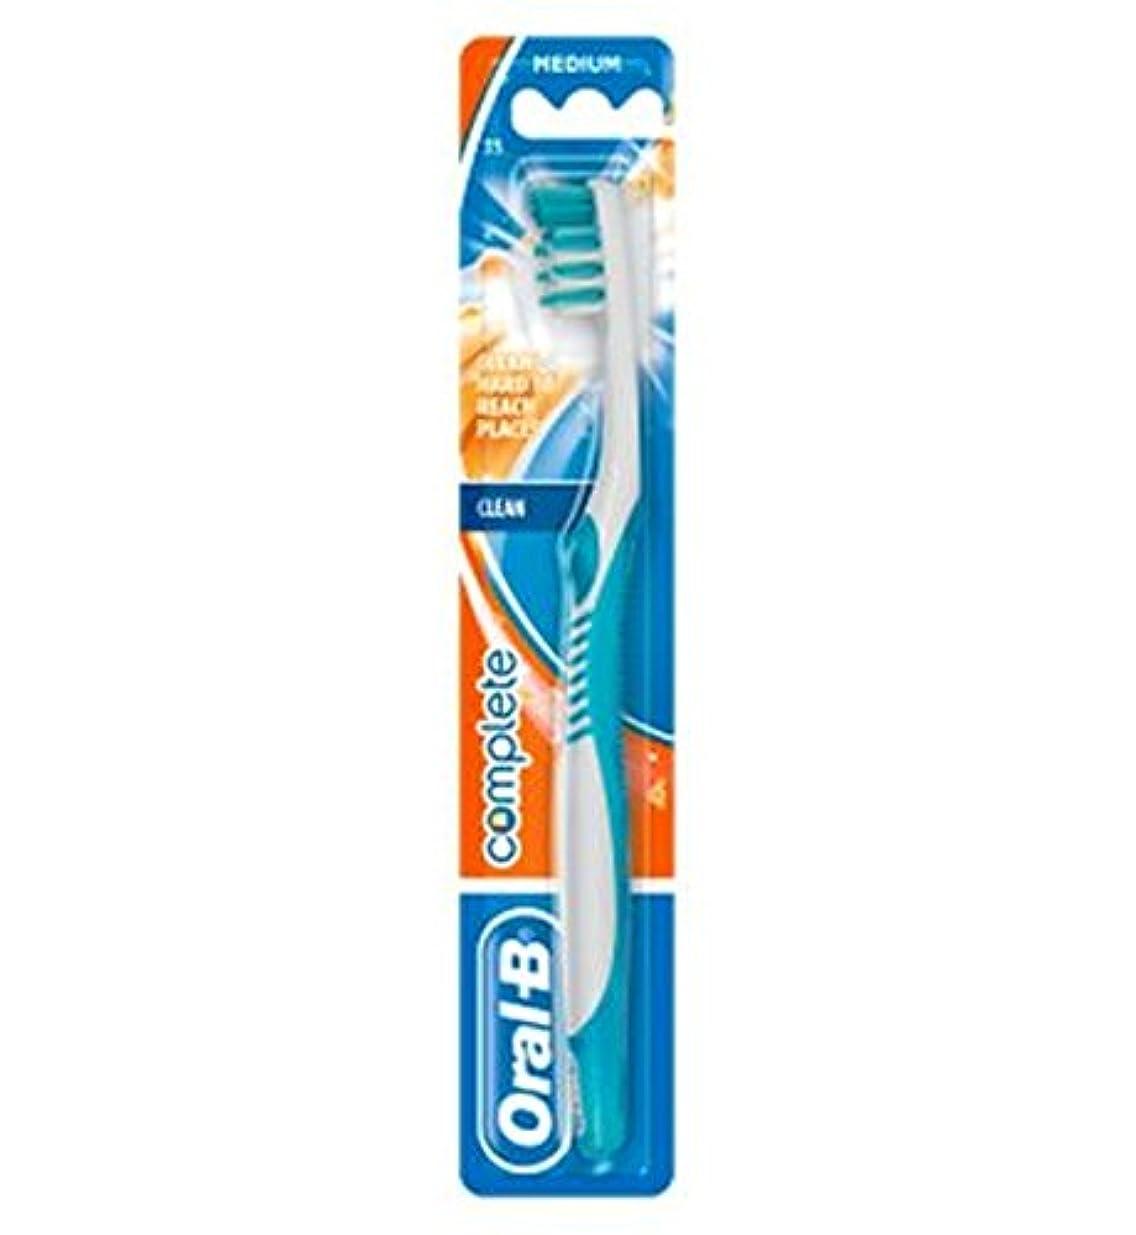 活気づけると放映オーラルB?アドバンテージ?プラス35 Med歯ブラシ (Oral B) (x2) - Oral-B Advantage Plus 35 Med Toothbrush (Pack of 2) [並行輸入品]